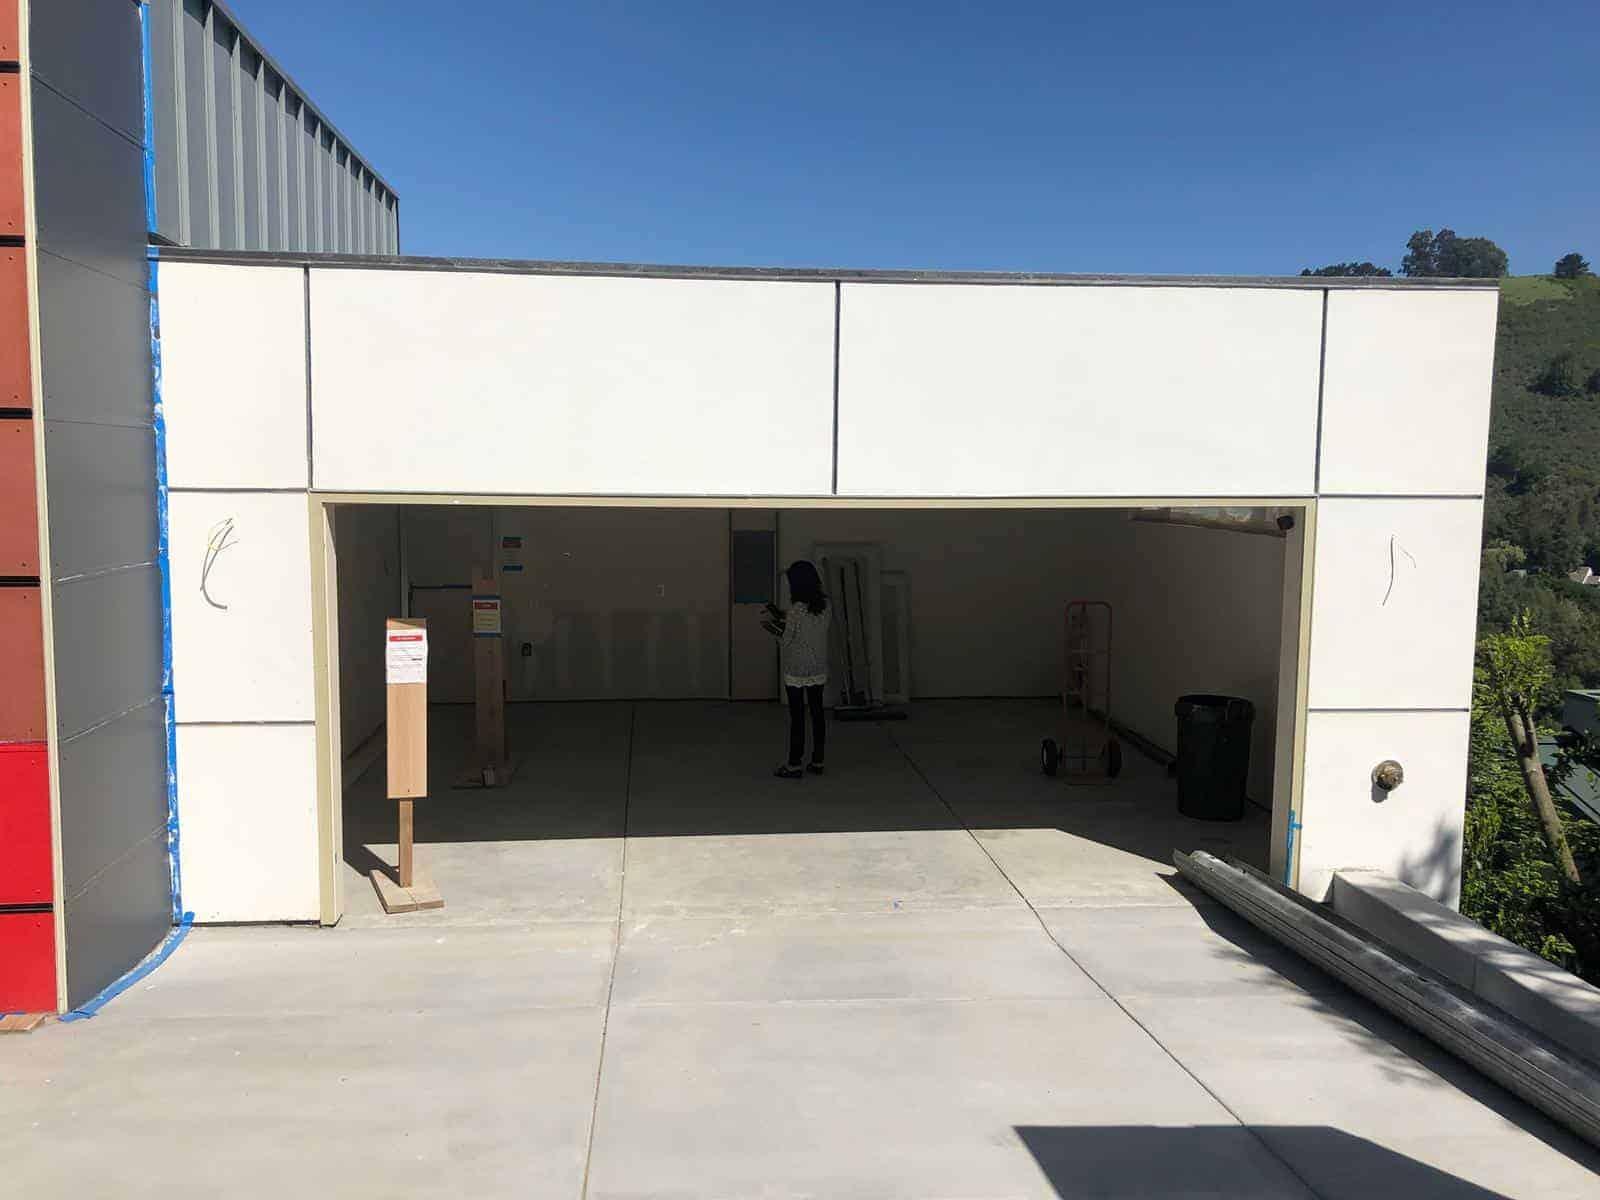 Camptonville CA Garage Door Repair & Replacement